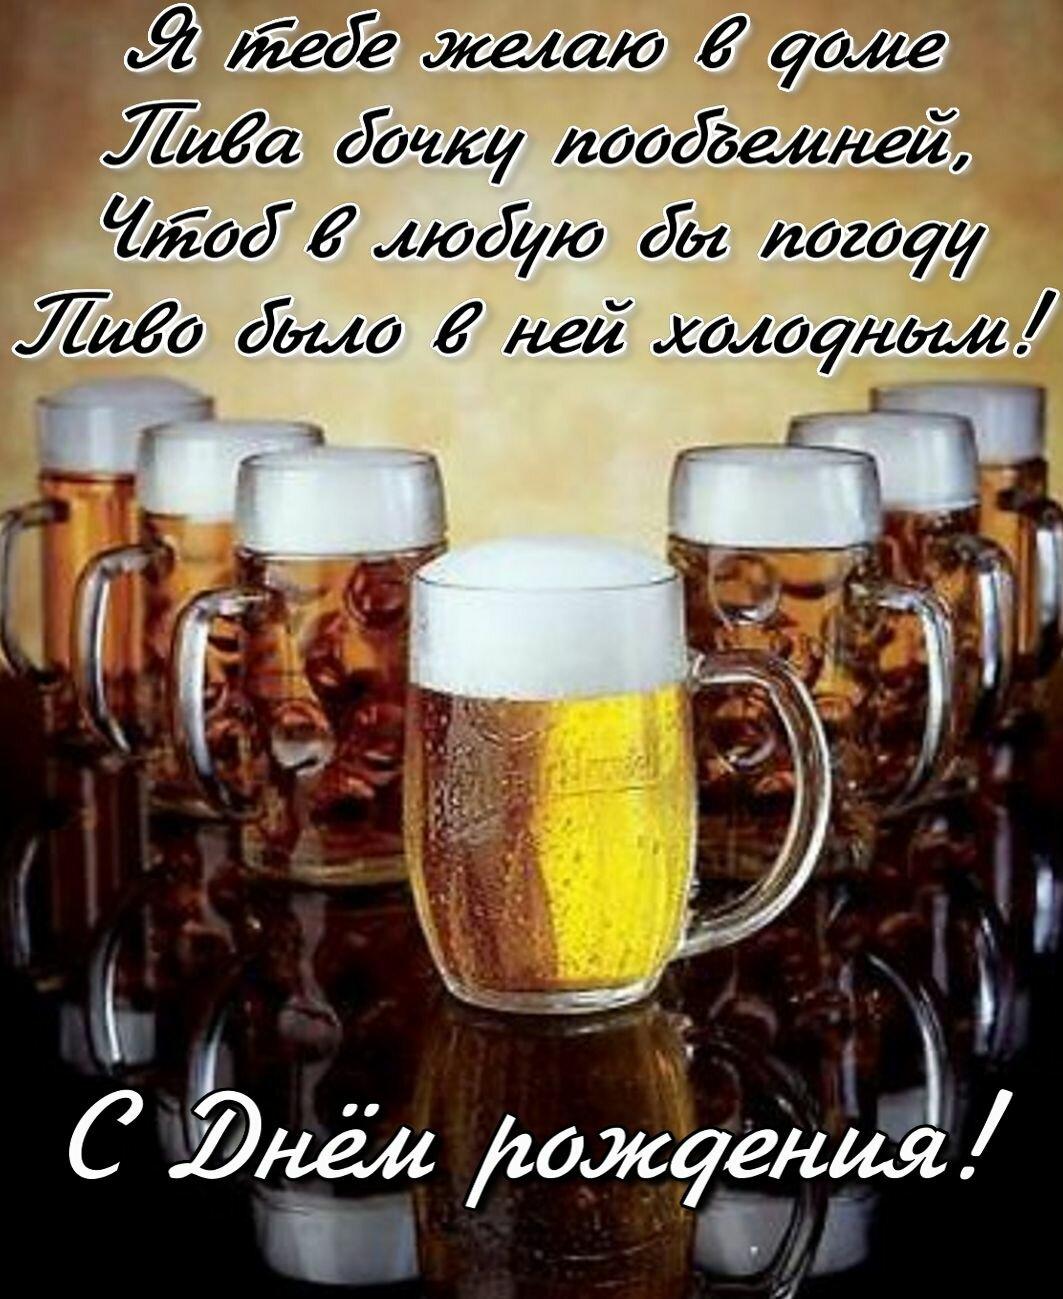 стихи любителю пива такому натуральному месту